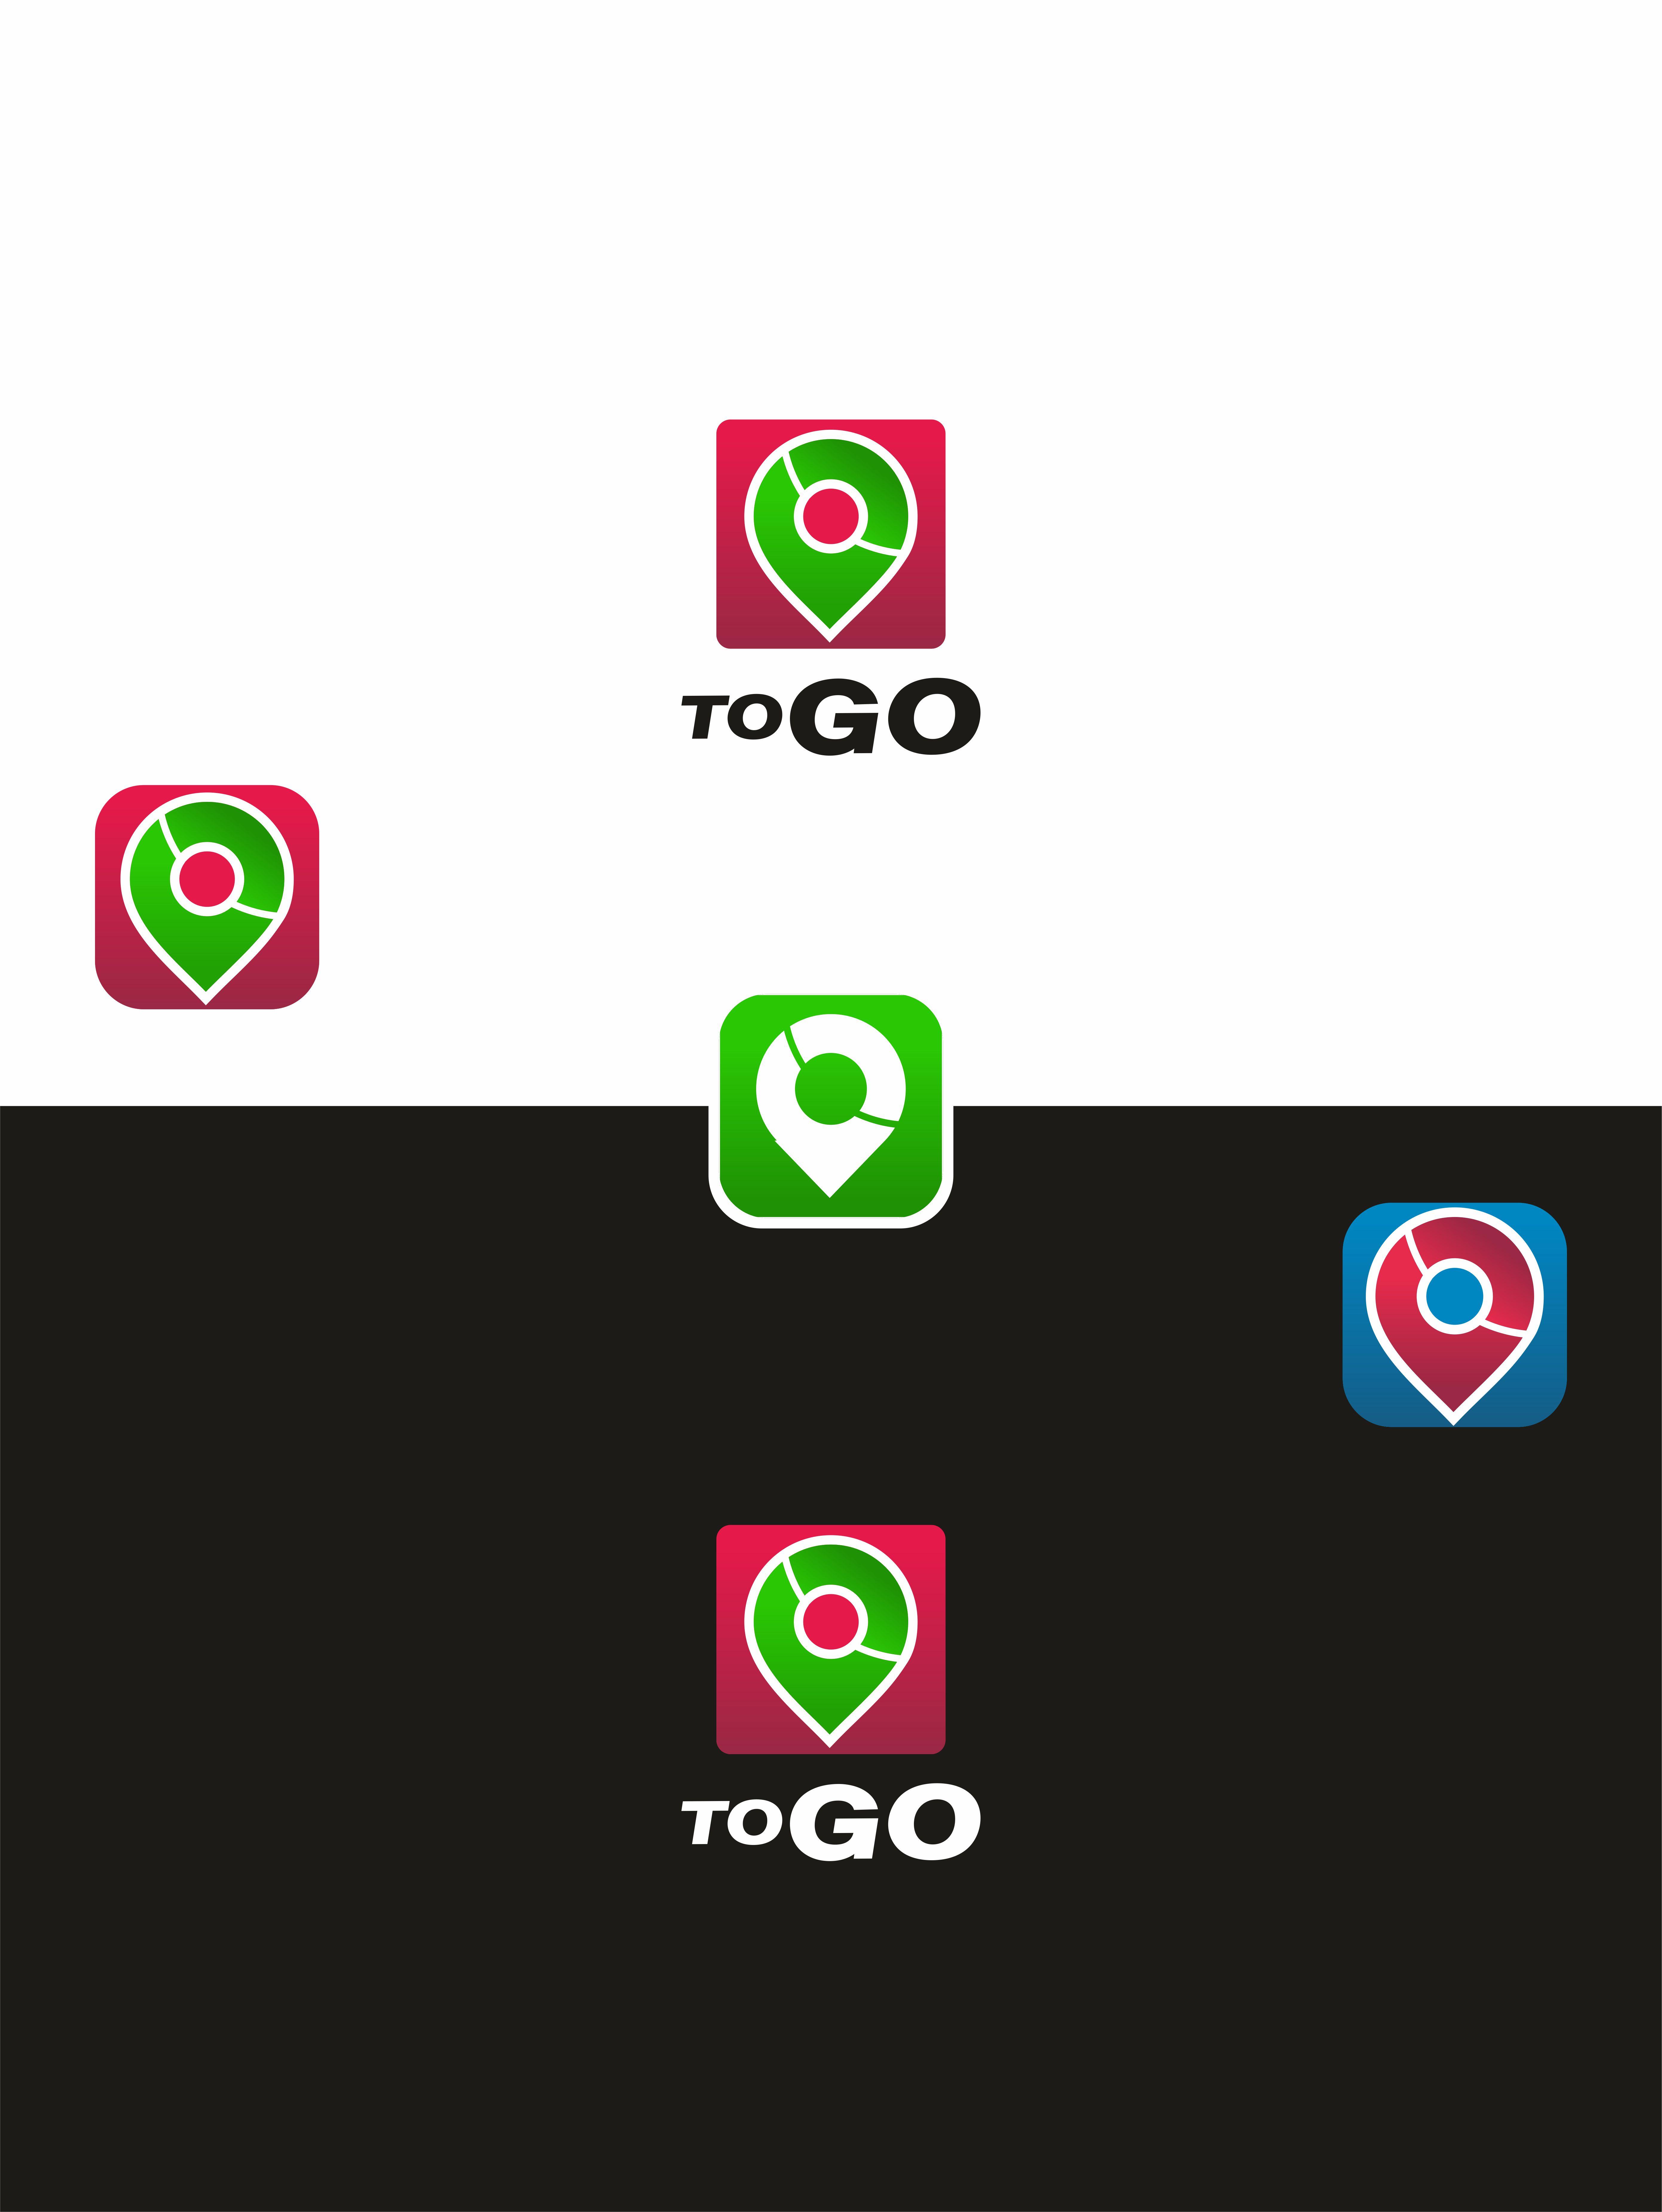 Разработать логотип и экран загрузки приложения фото f_2545a86d94baf37d.jpg